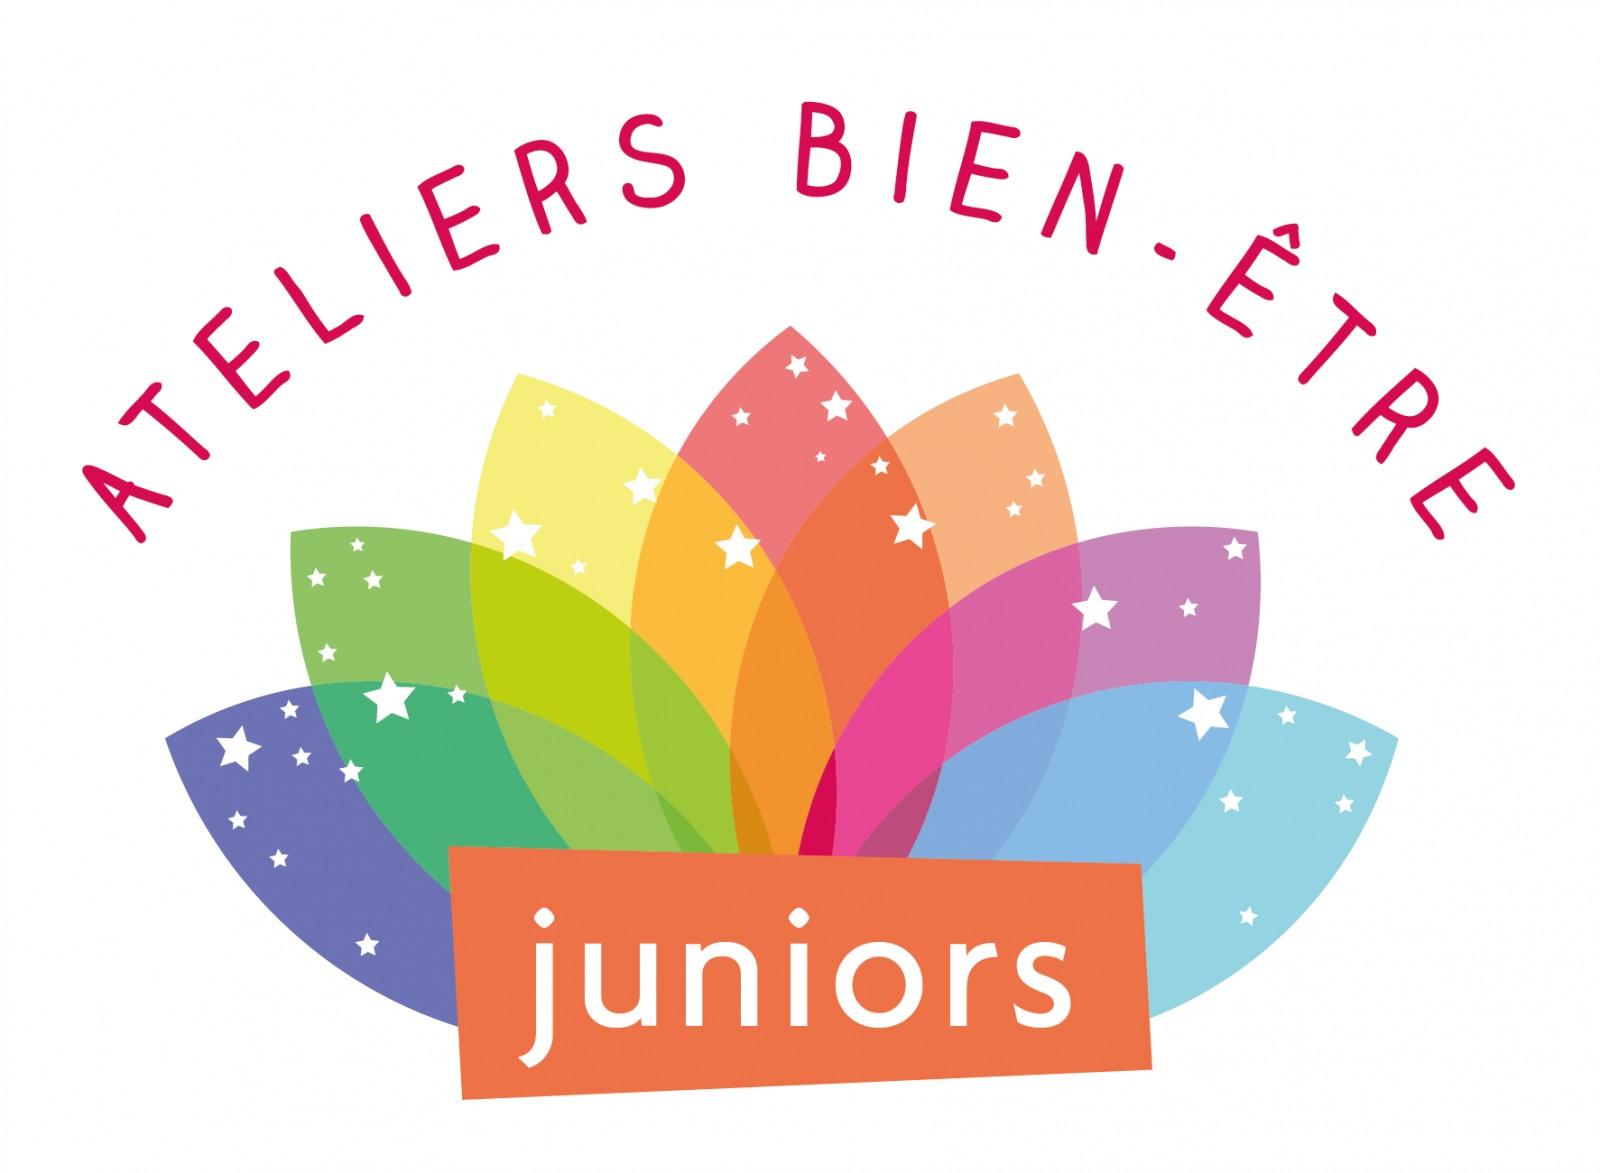 L'atelier des juniors : La fierté - ABOS